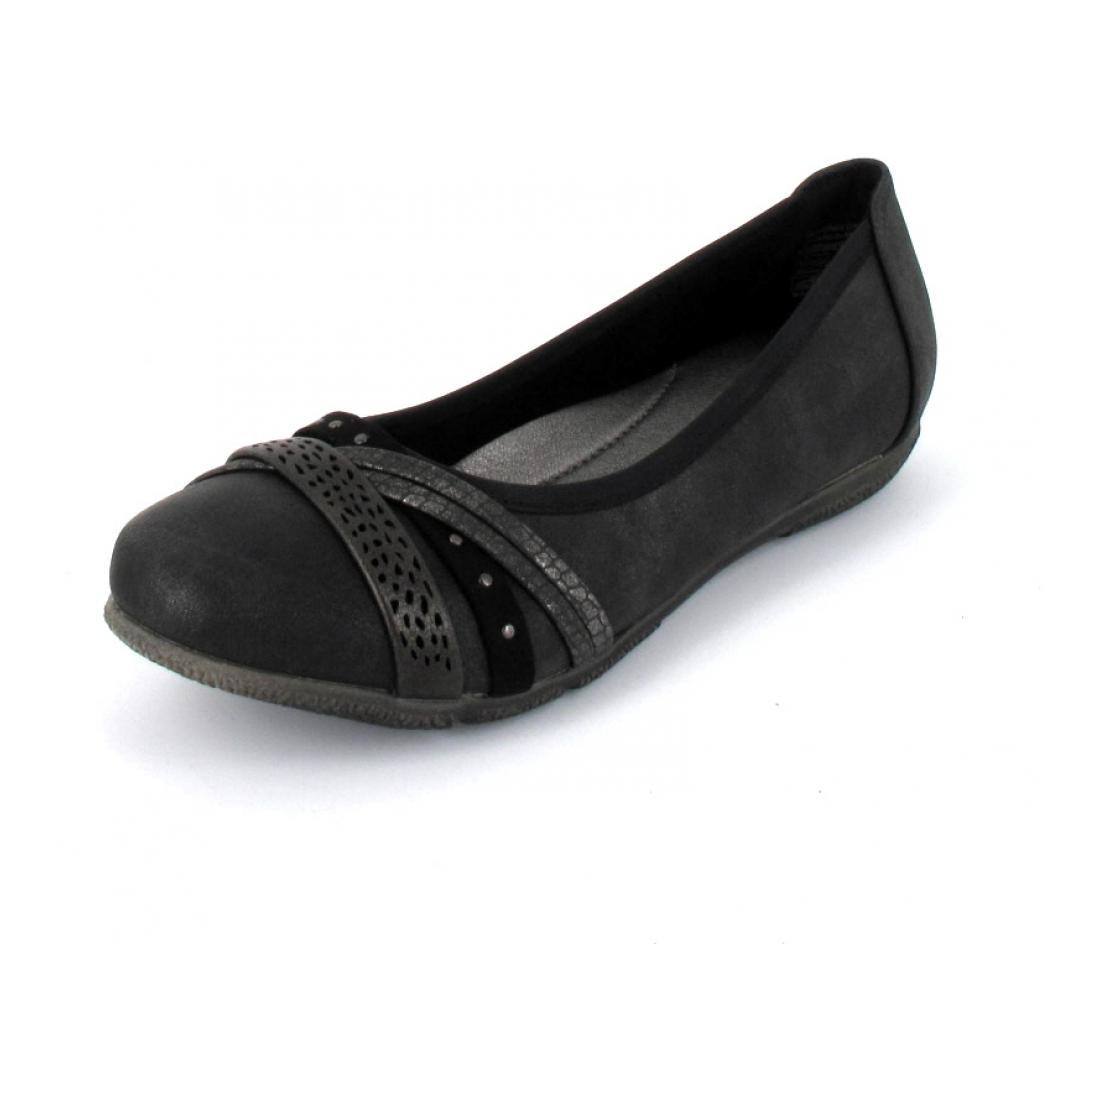 Jane Klain Ballerina black